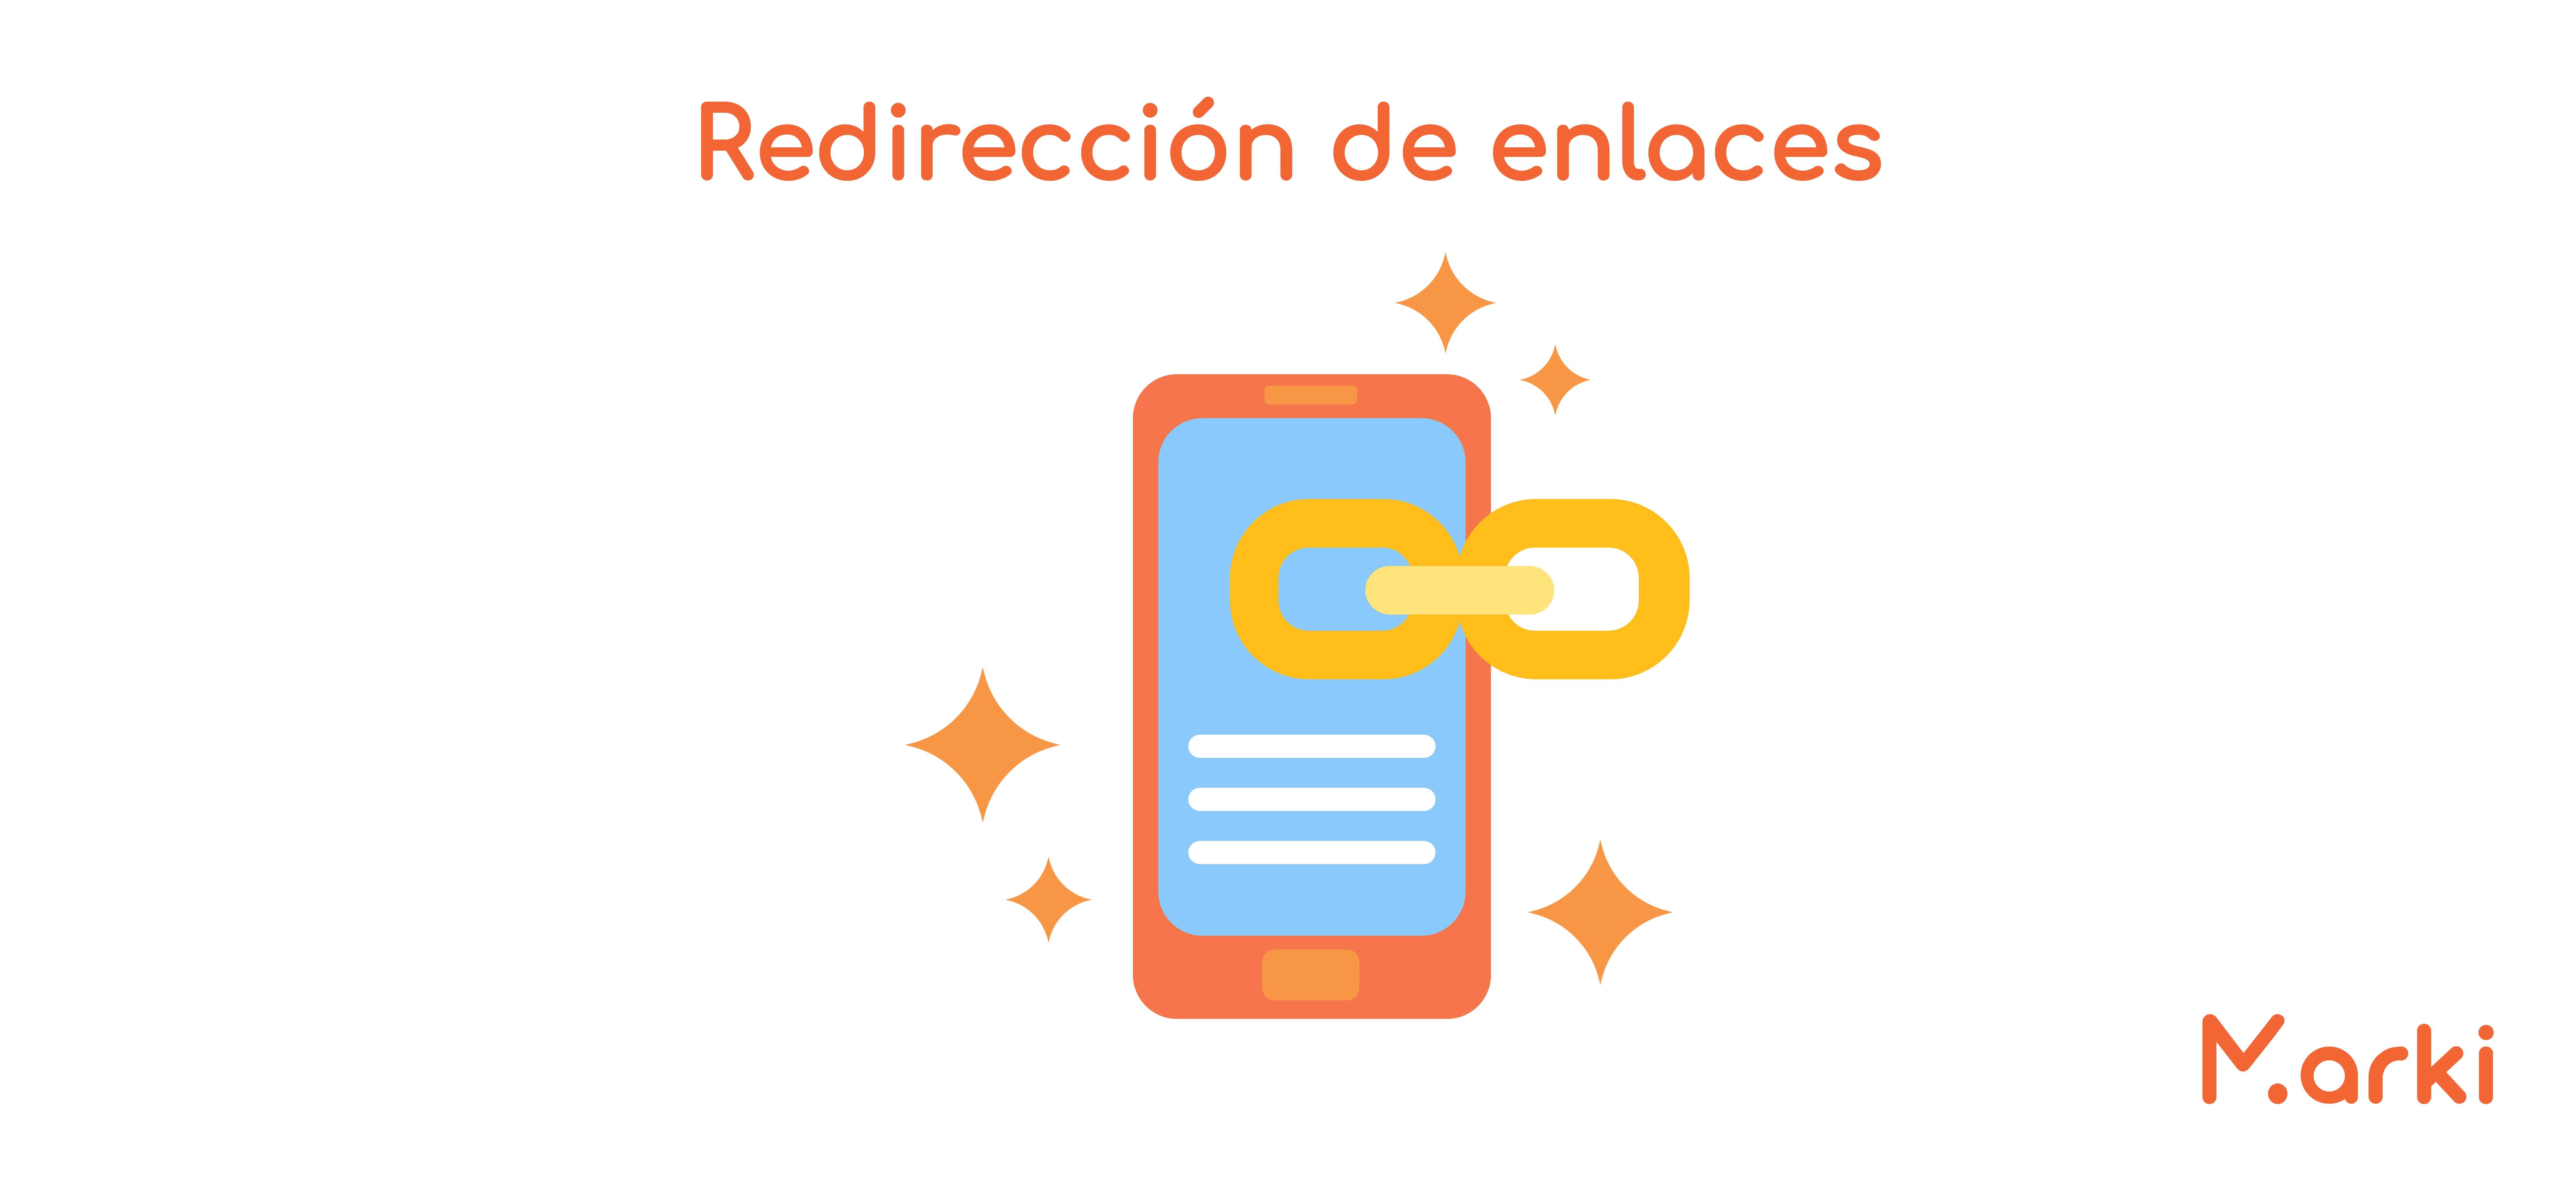 redireccionar links voluntariado peru voluntariado online capacitacion de marketing digital voluntariado marki